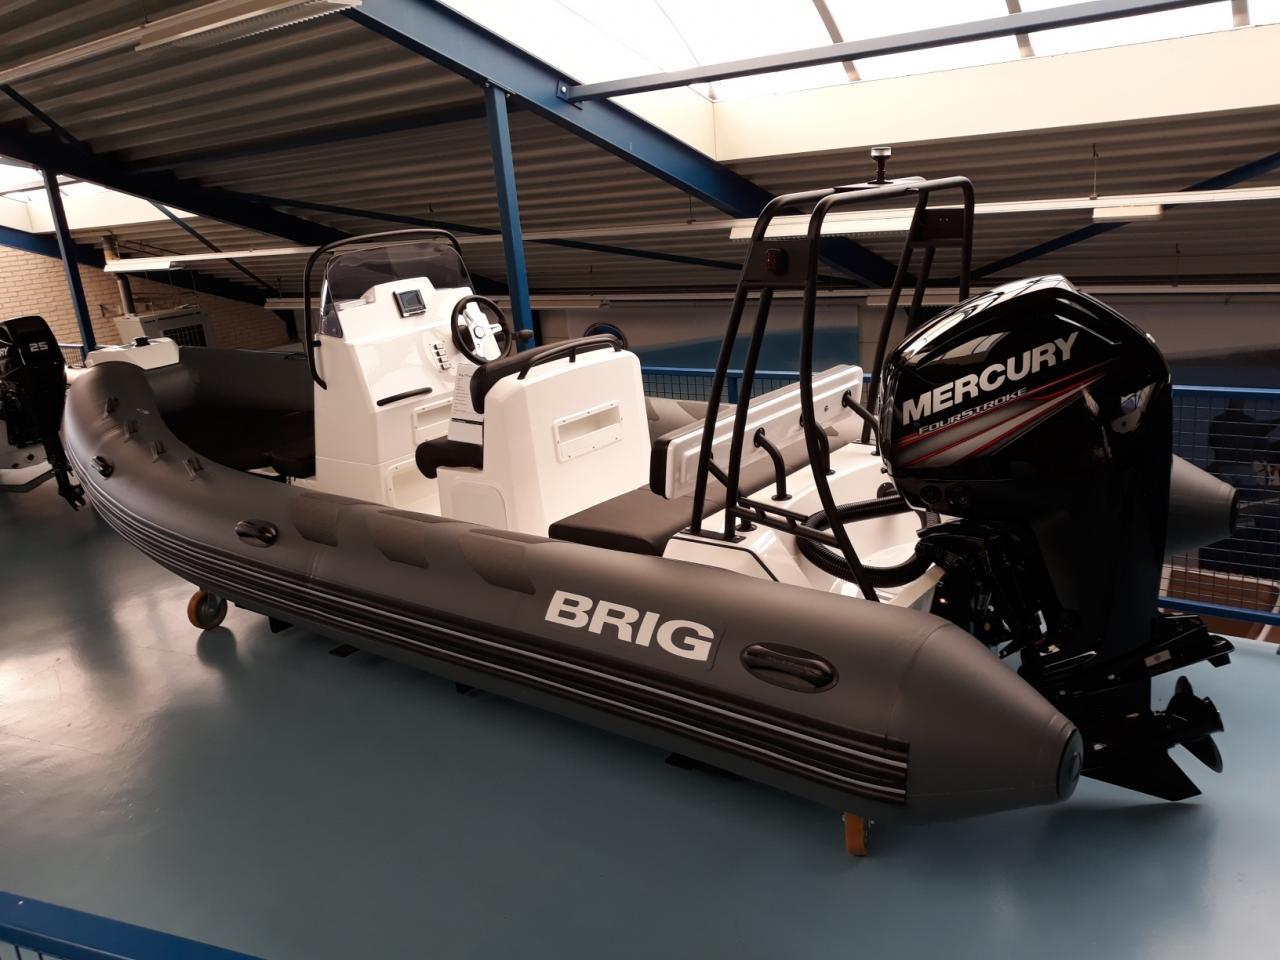 Brig 570 navigator rib 3